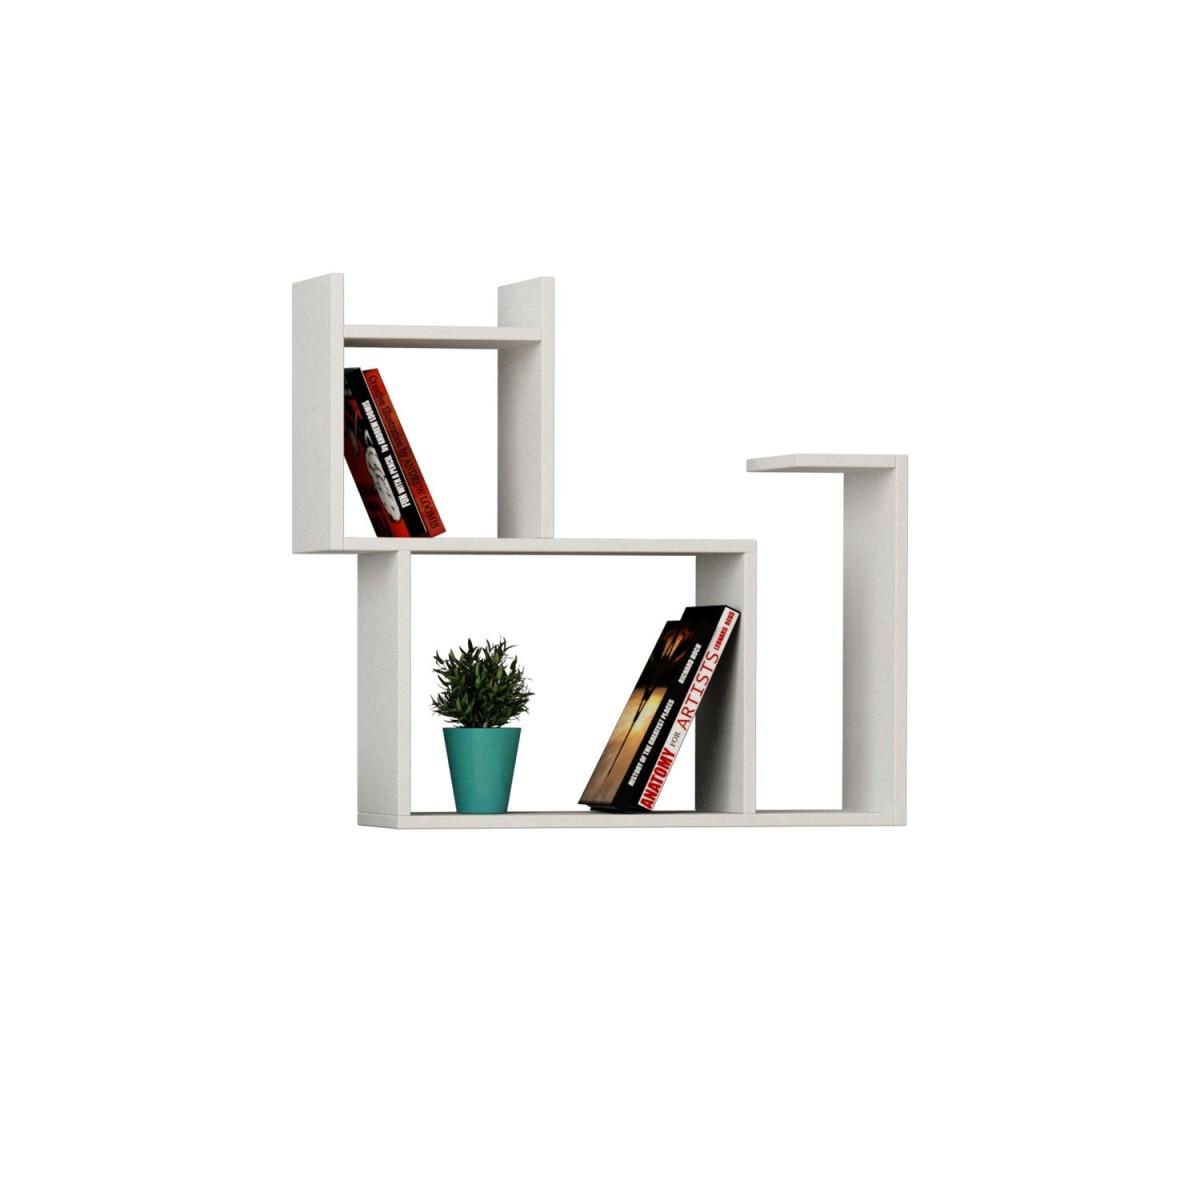 Baffo libreria a muro in legno per soggiorno cameretta 84 x 75 cm